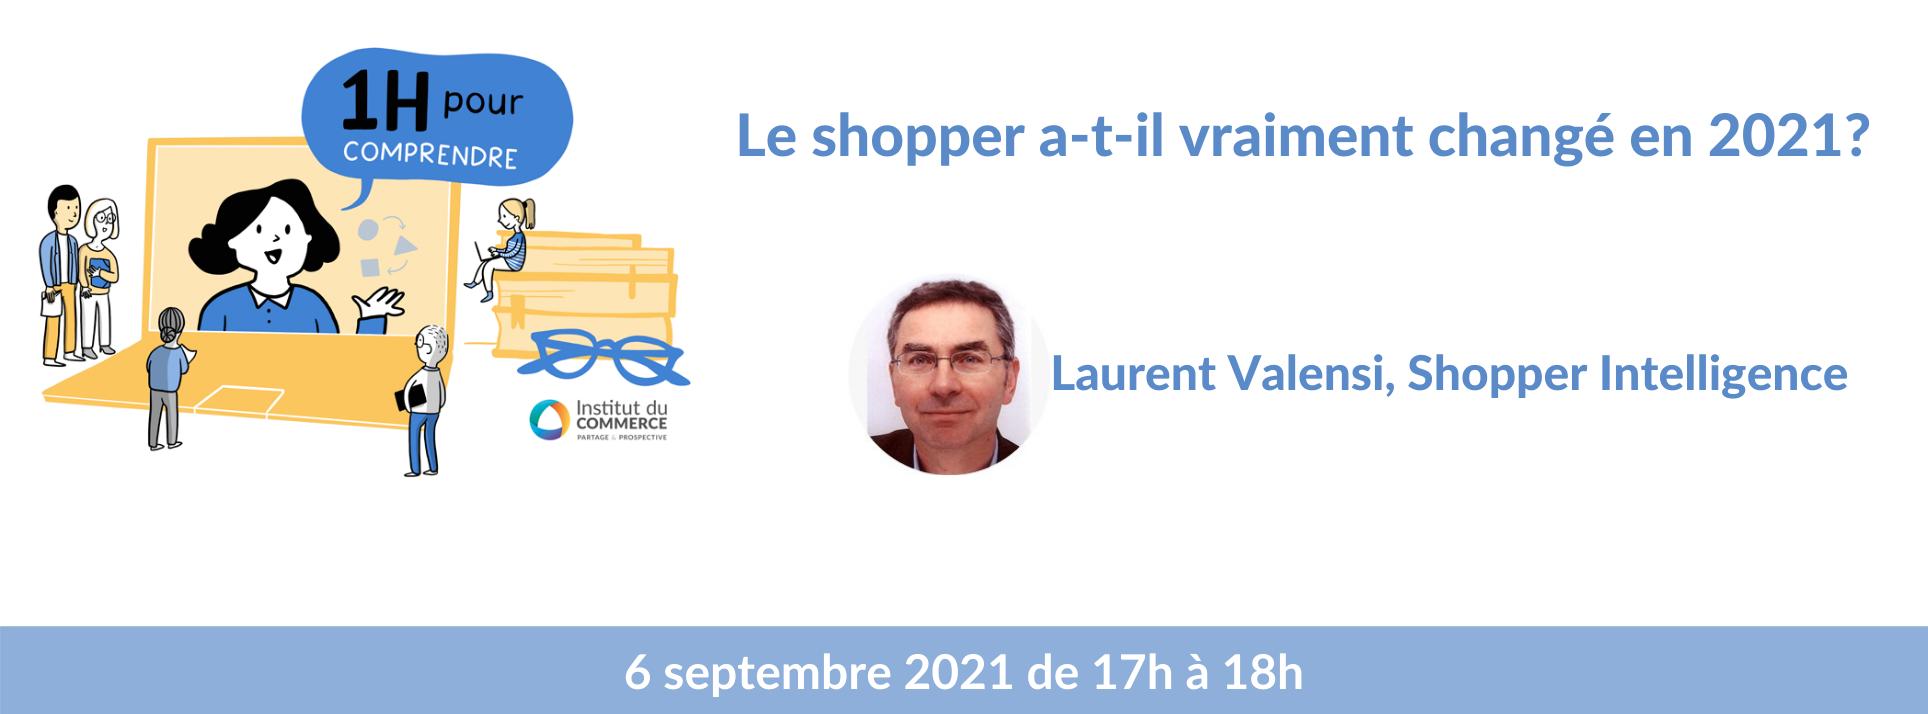 le shopper a-t-il vraiment changé en 2021?